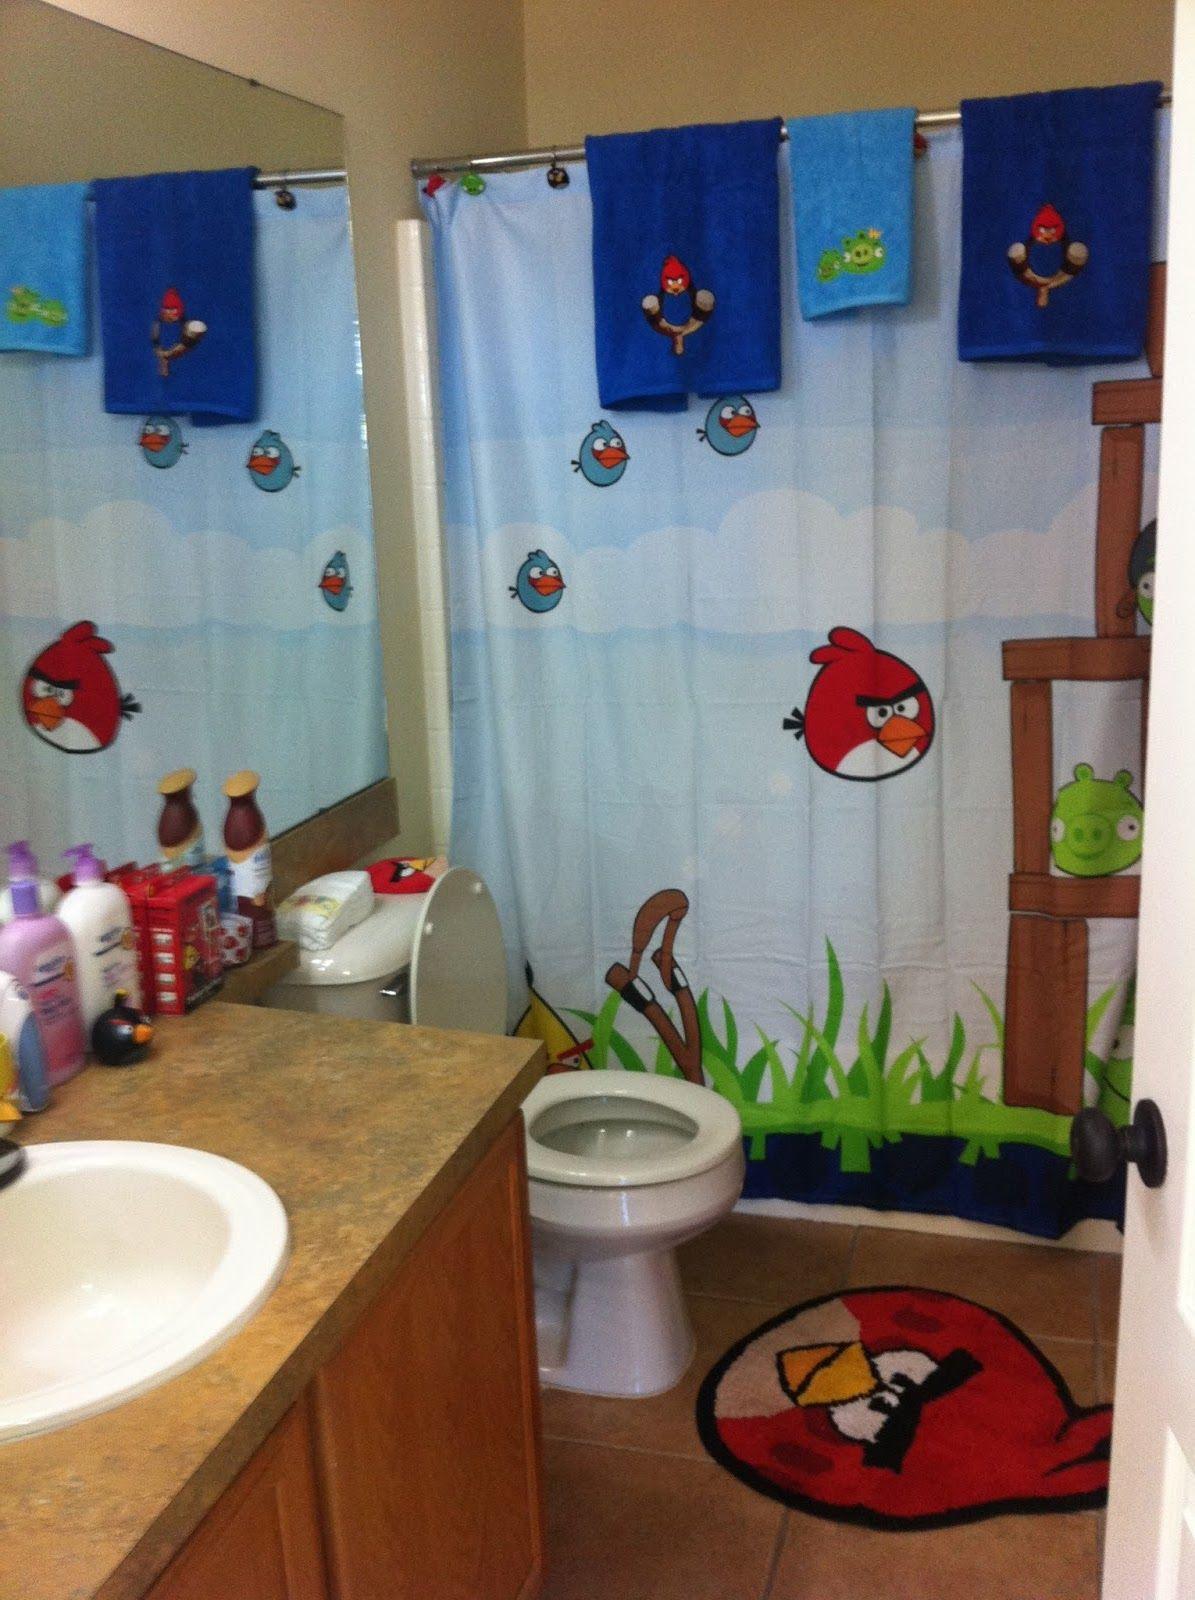 angry birds bathroom decor dream house bathroom bird bathroom rh pinterest com